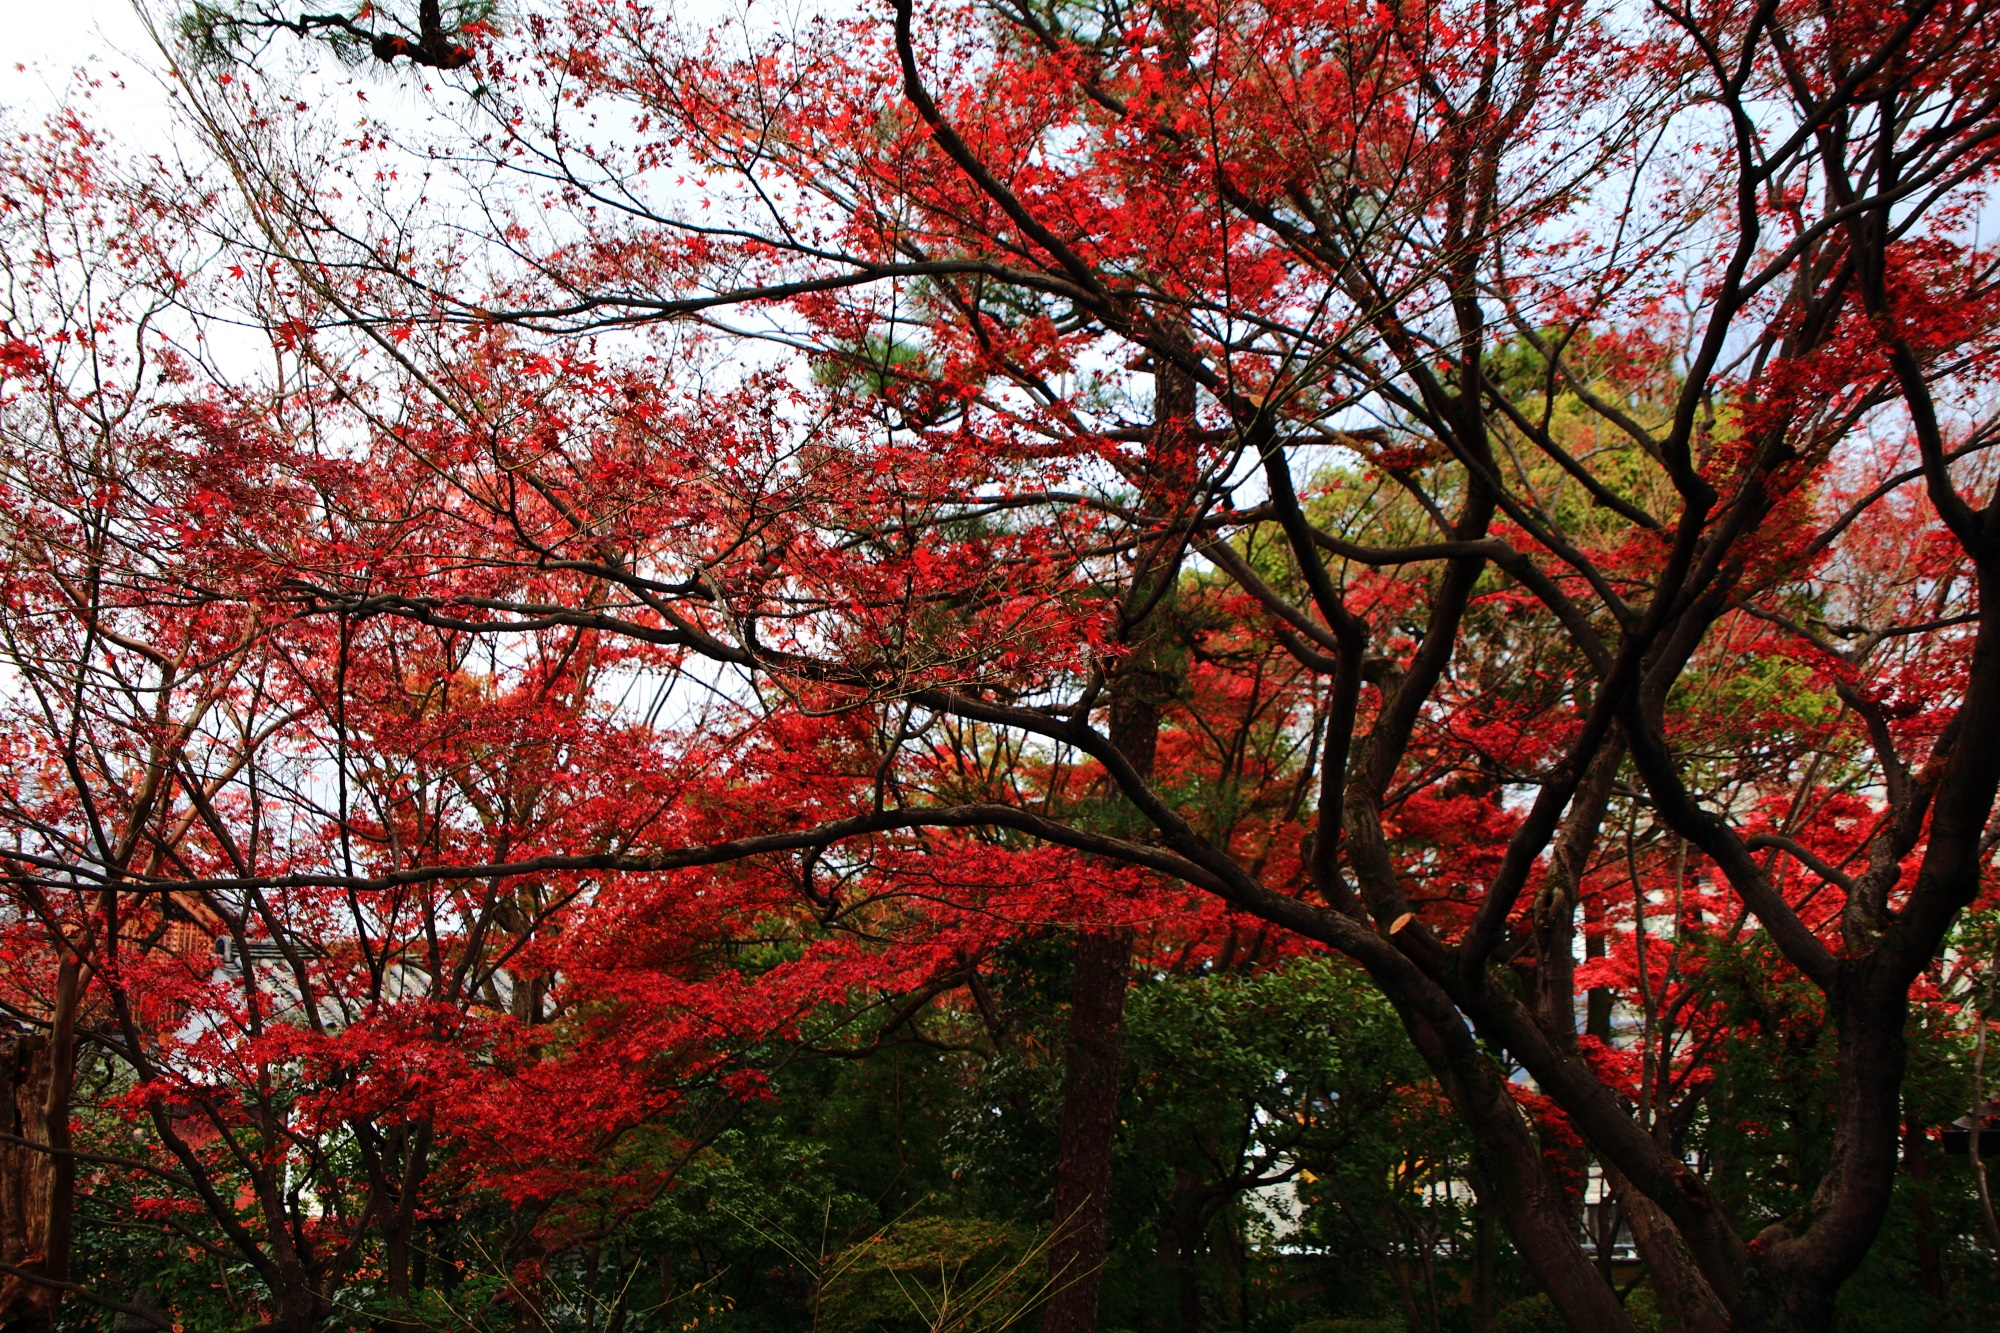 廬山寺の北庭の見ごろの紅葉